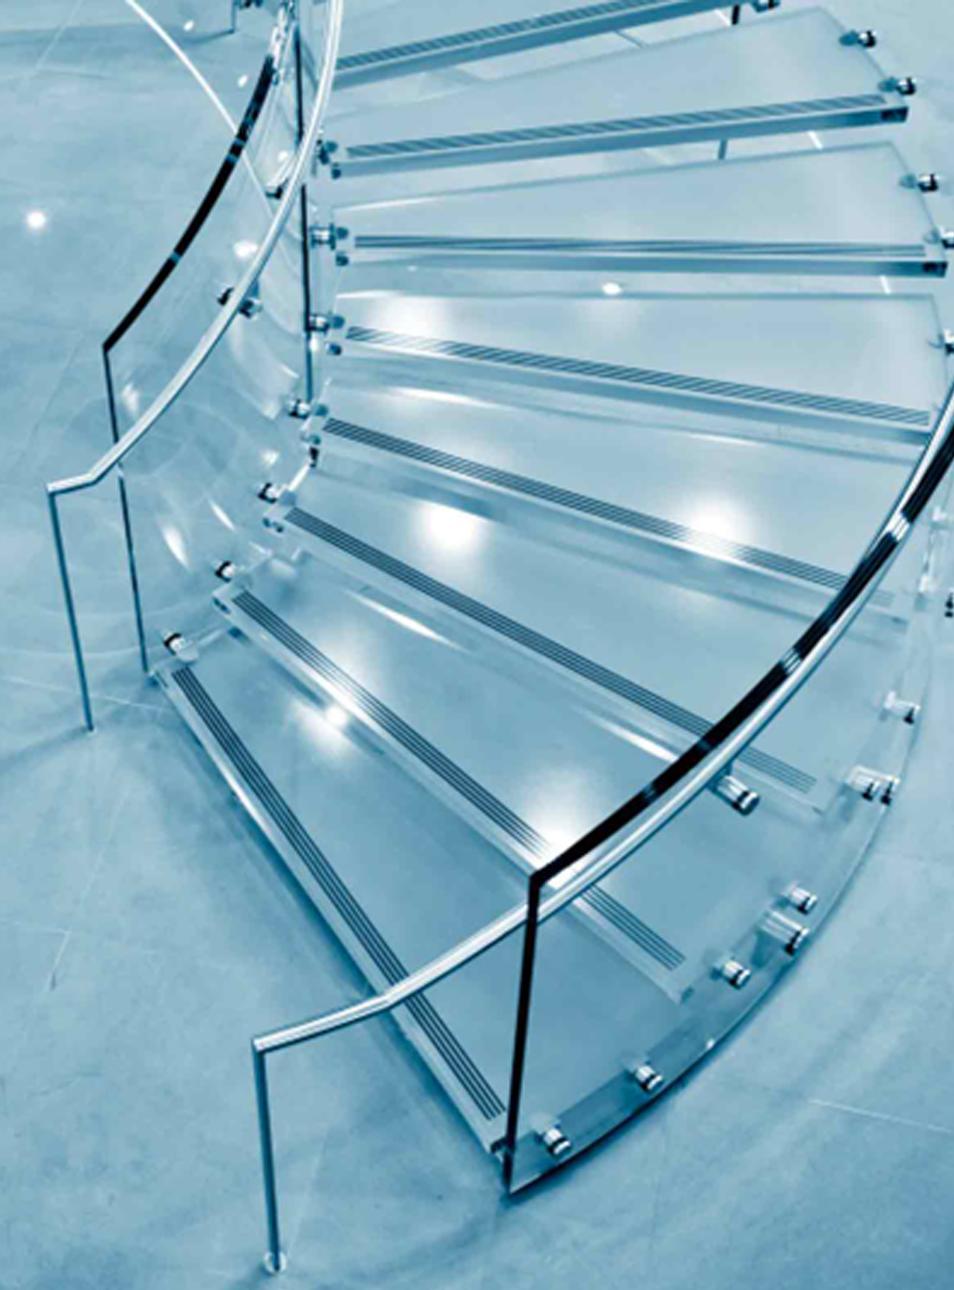 Escalier en colimaçon transparent